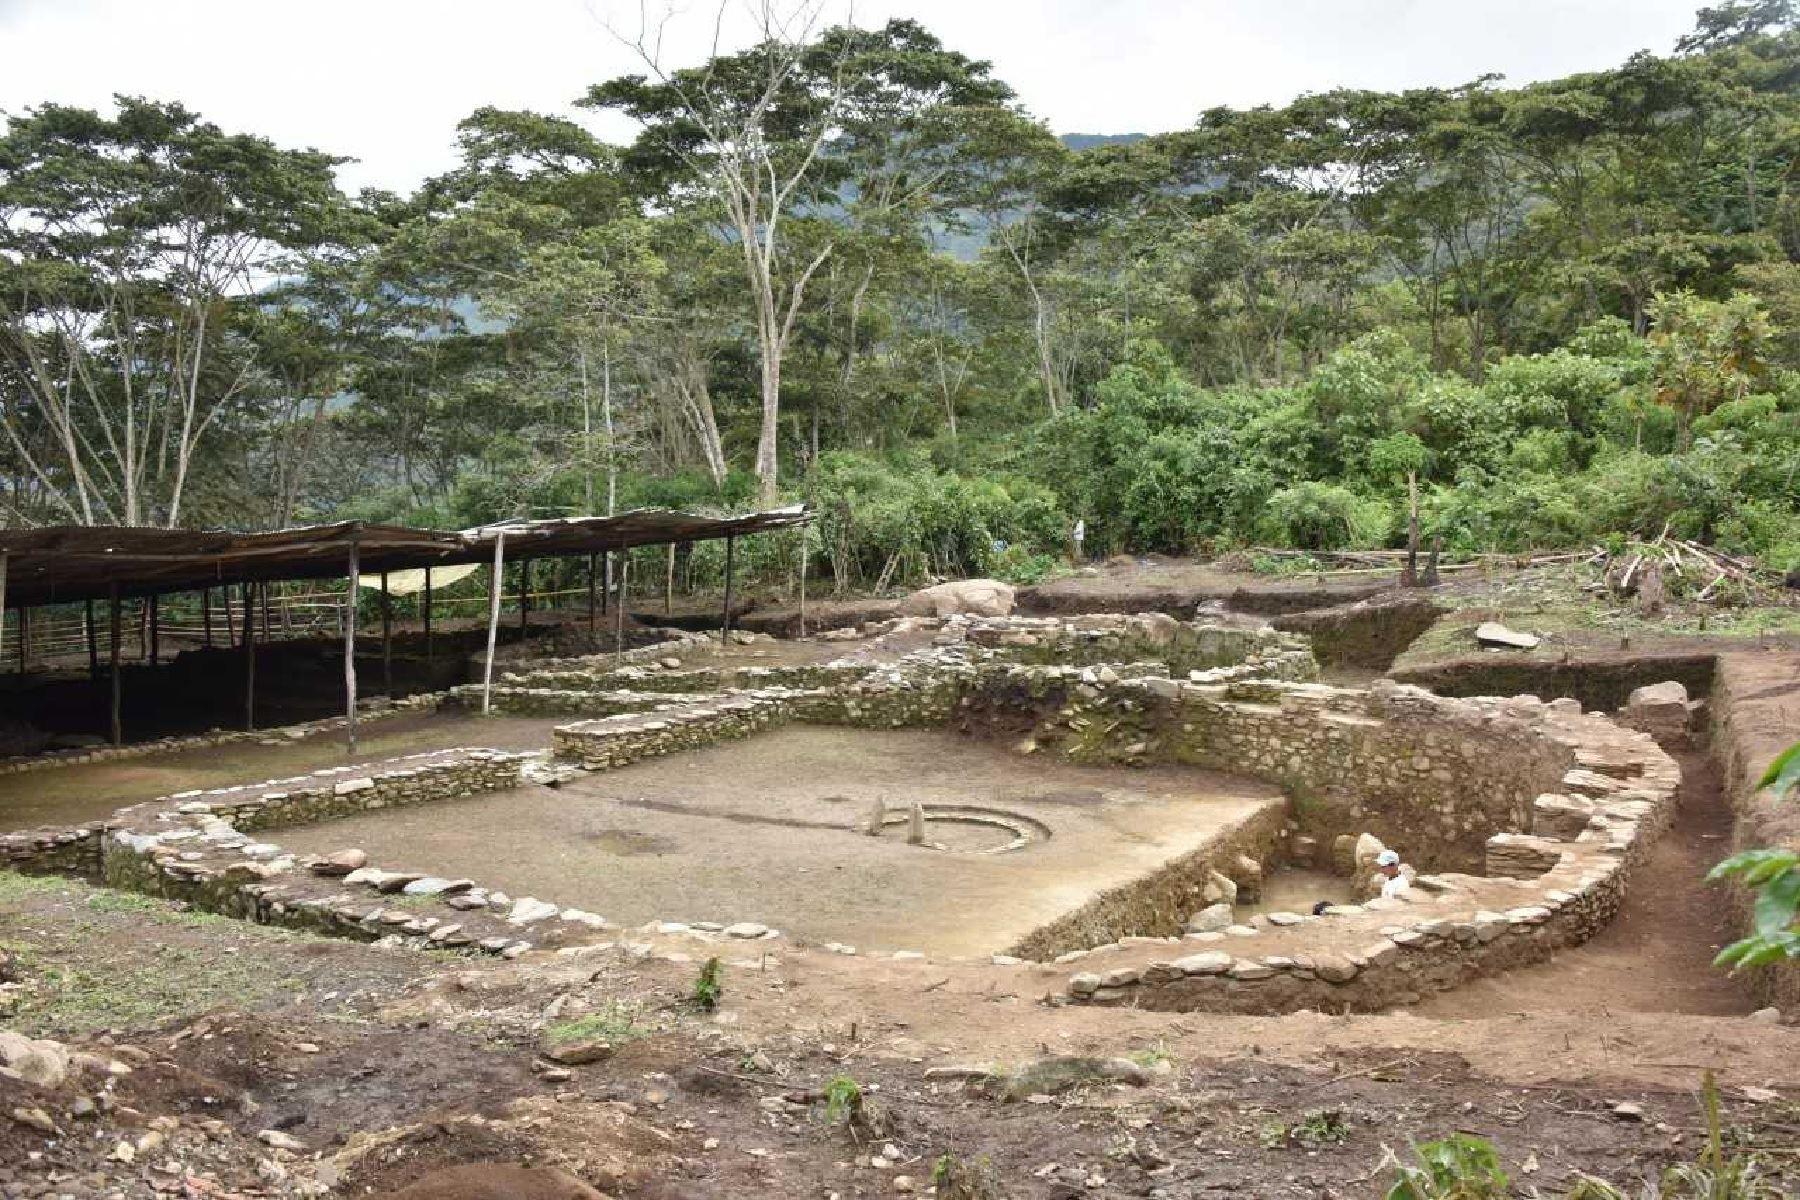 Los muros de un enorme templo, tiene la forma de la letra D, lo que hace desprender que esta arquitectura es propia de la cultura Wari que se originó en Ayacucho y se extendió a la selva cusqueña.